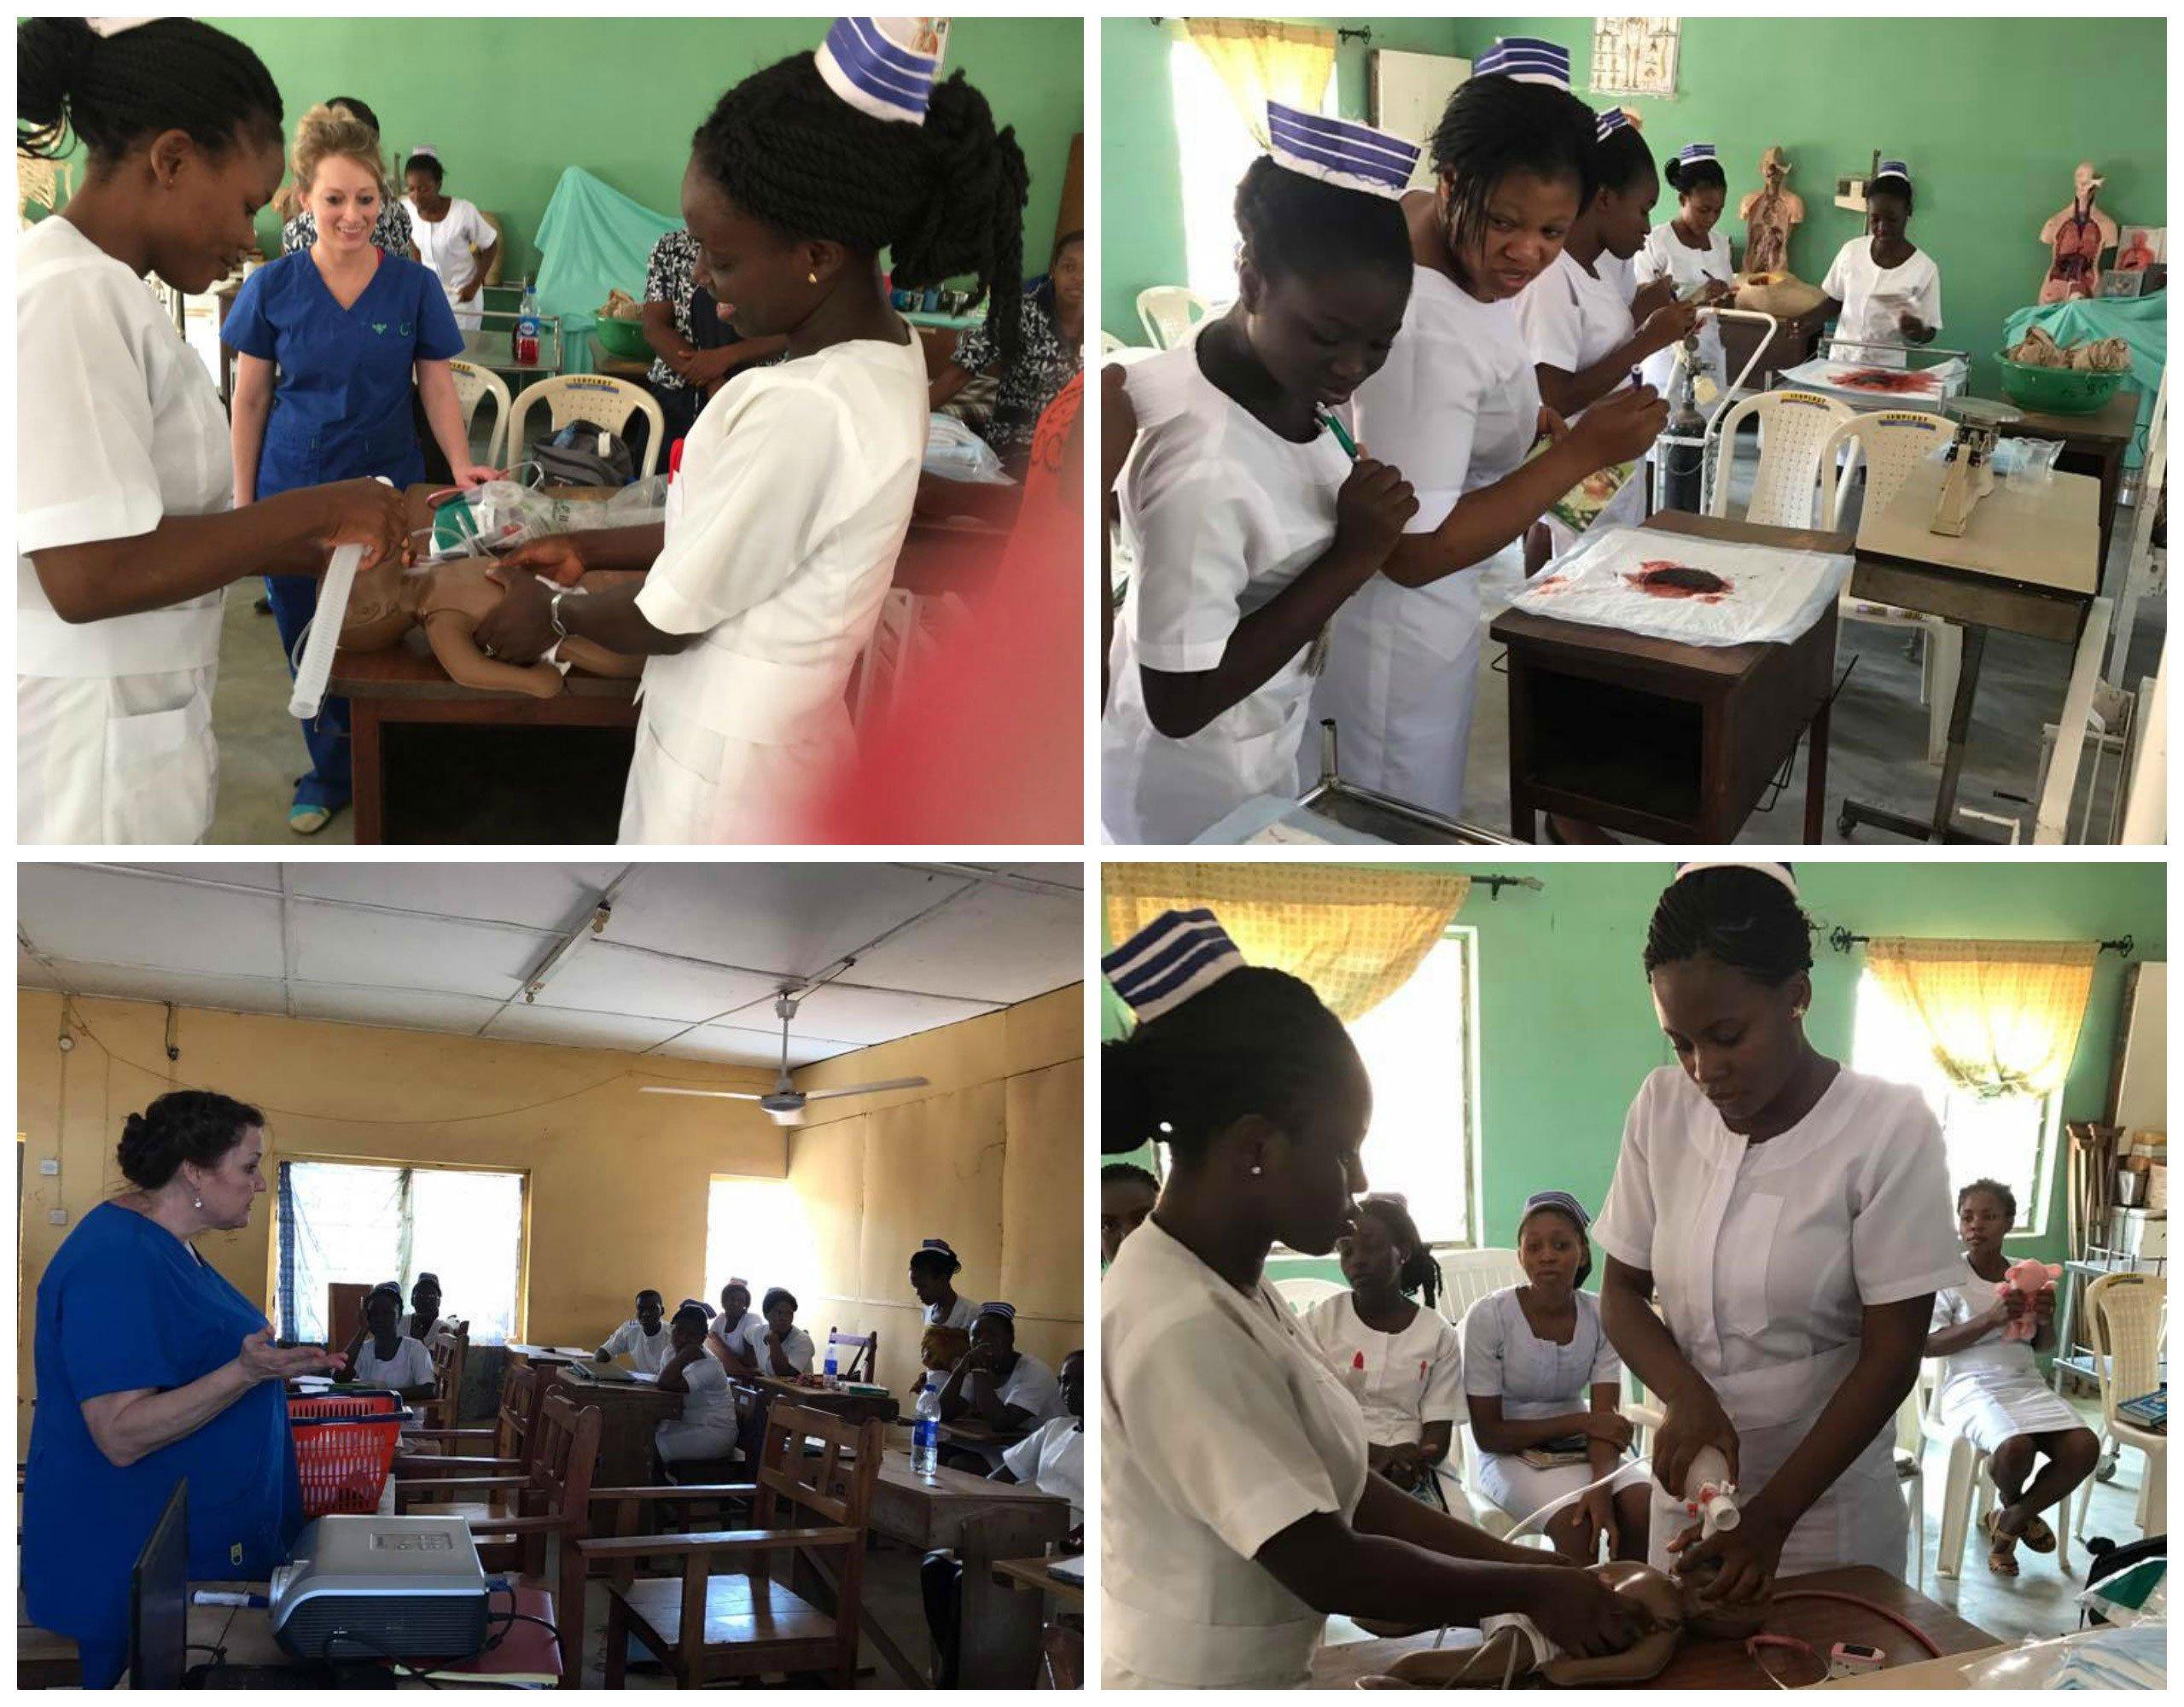 Egbe nurses training neonatal resuscitation